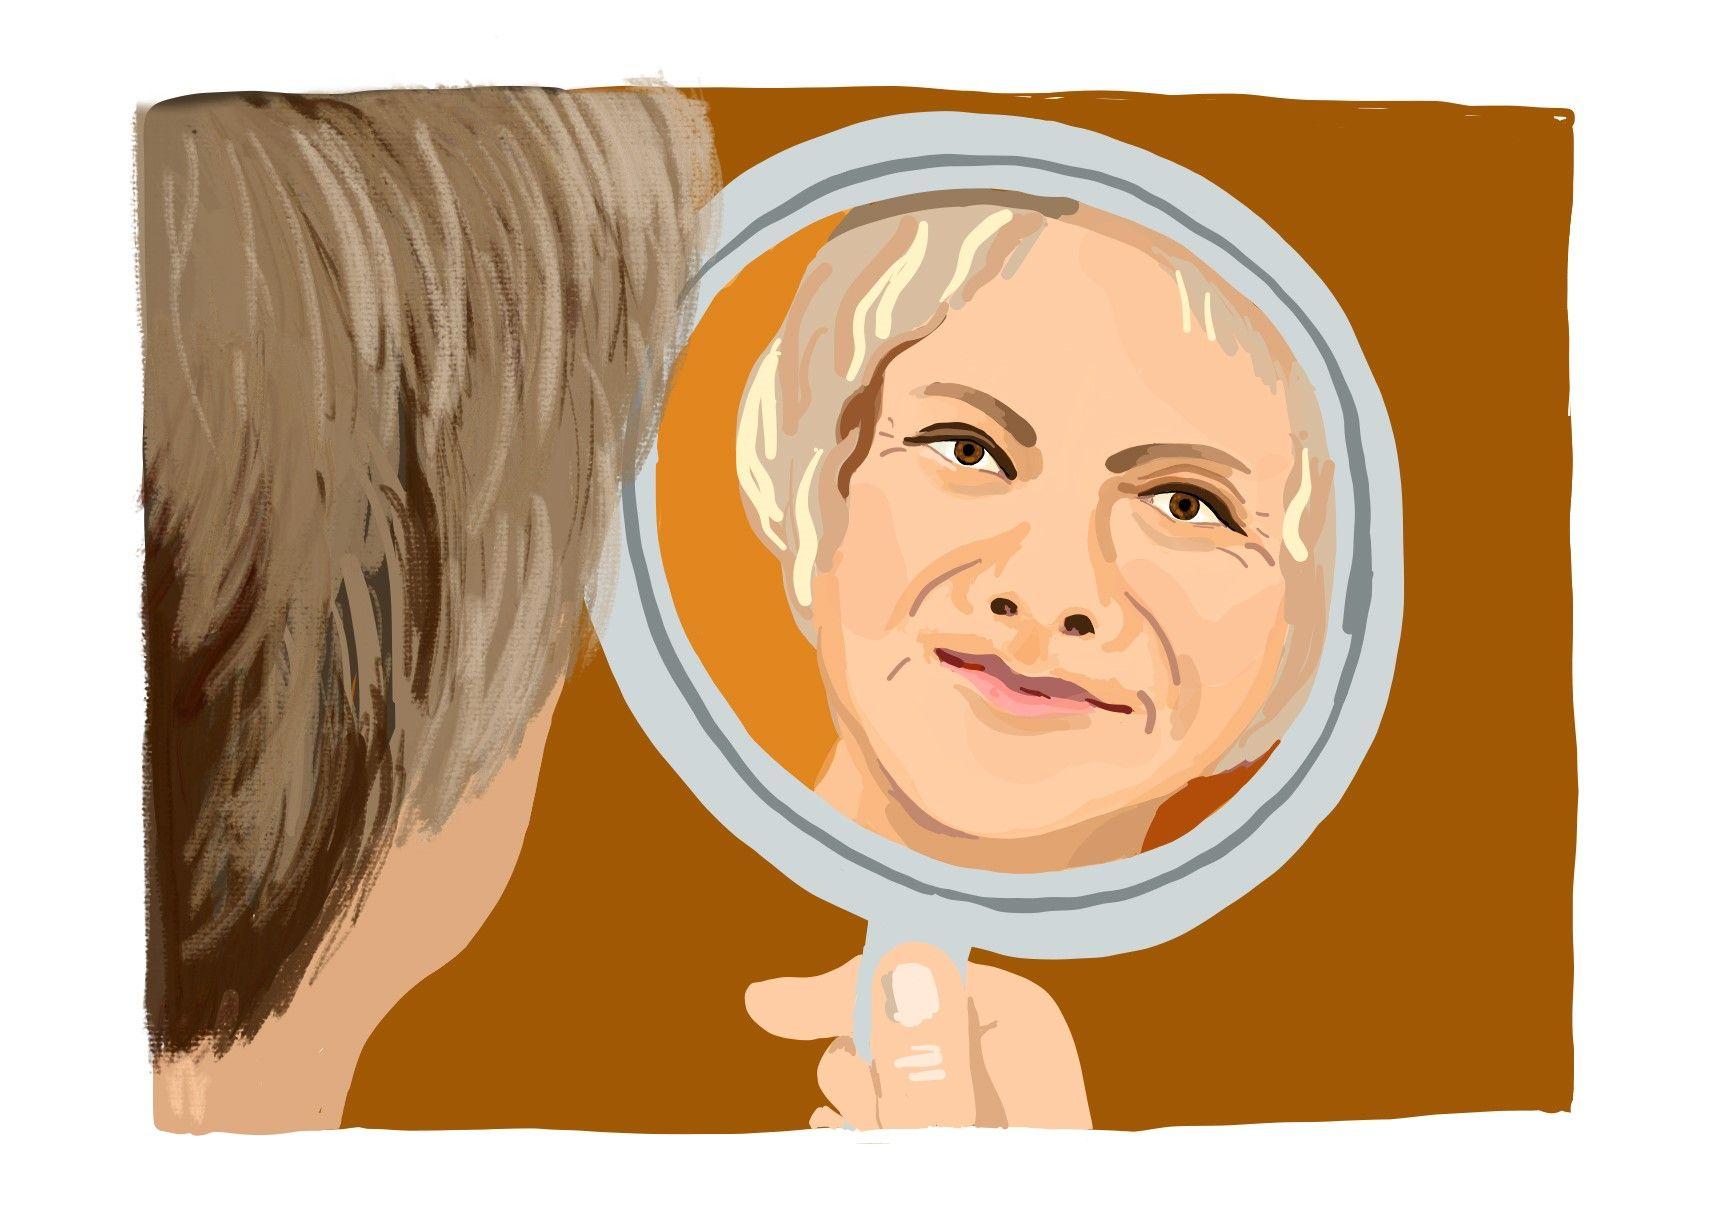 Eine ältere Frau sieht sich im Handspiegel an.